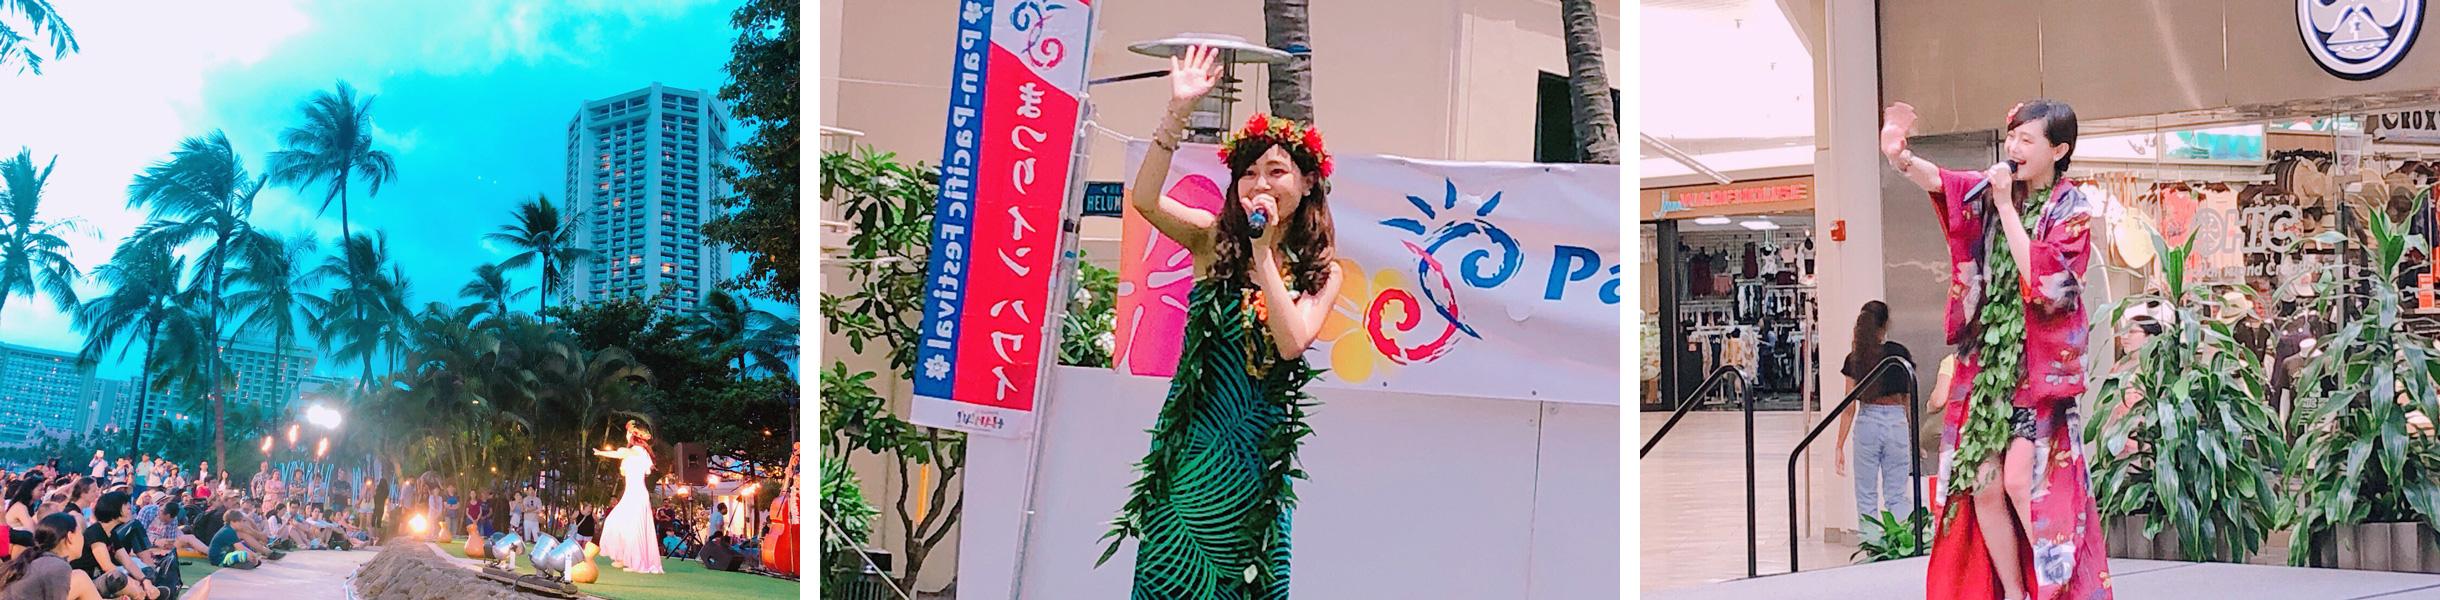 【43project】大塚みかハワイツアー ハワイ・日系人のみなさんに歌をお届け 秋篠宮同妃両殿下にもお目にかかることができました!